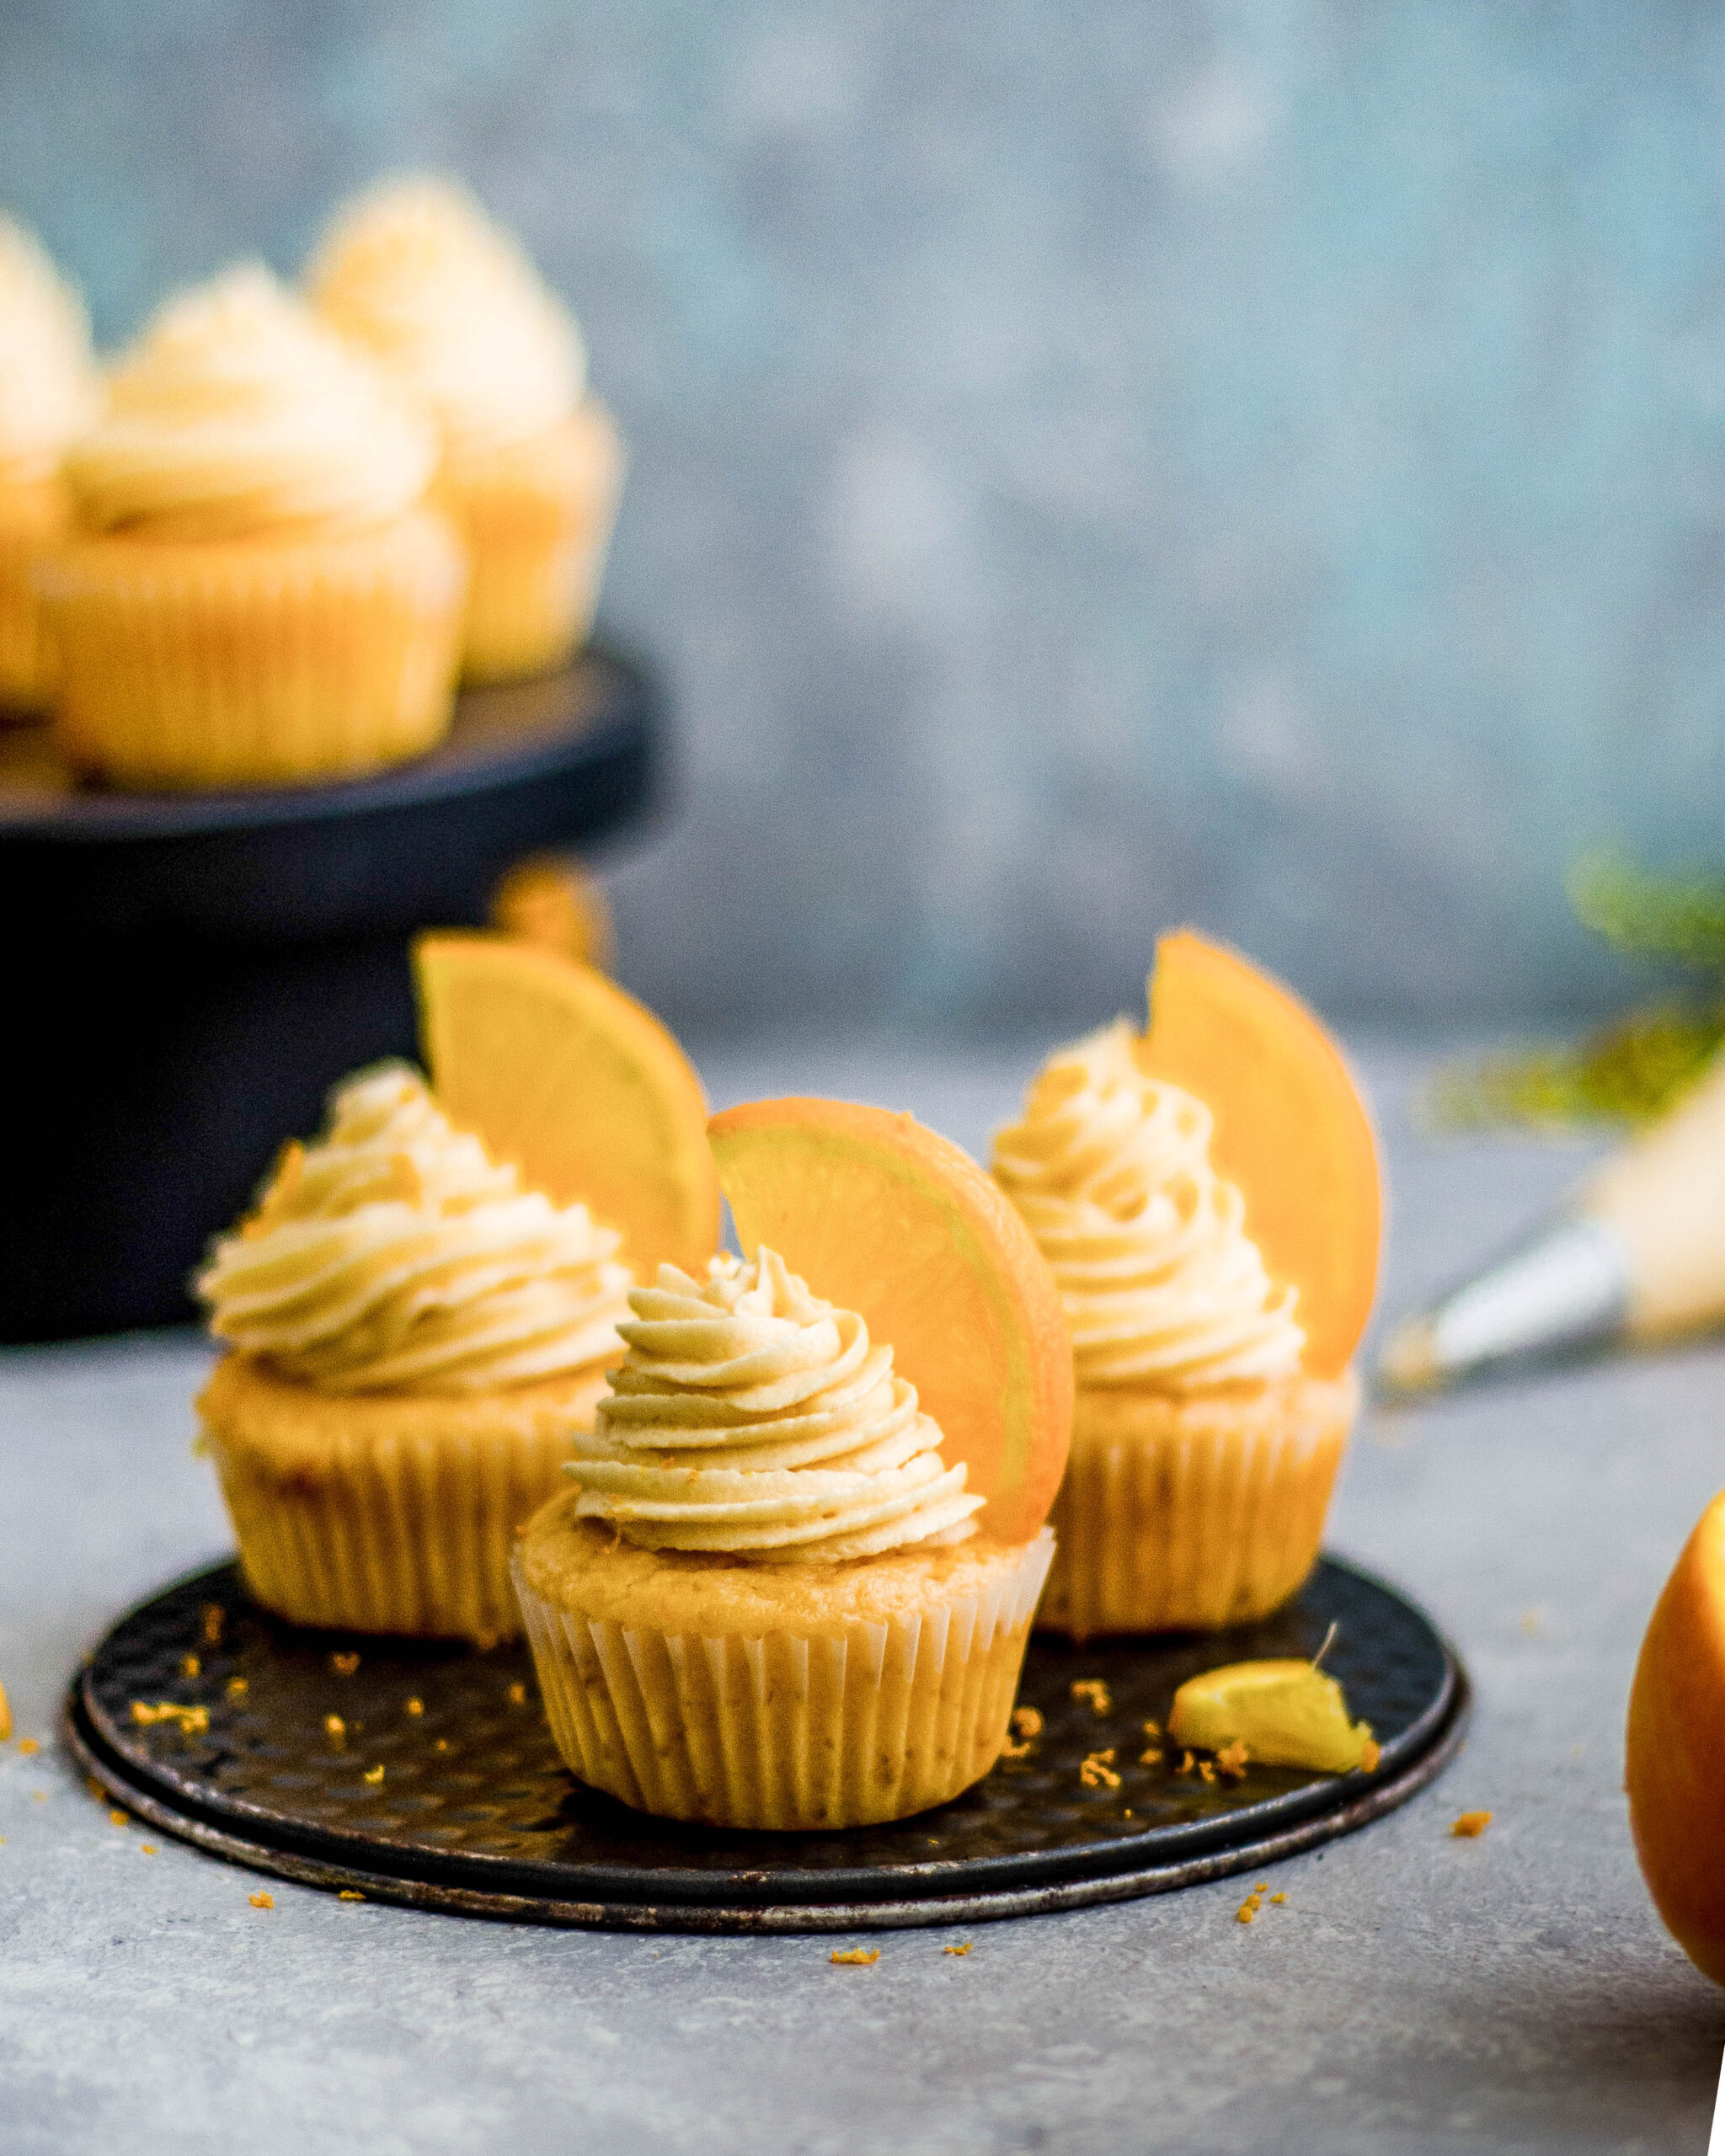 Orange cupcakes, eggless cupcakes, Eggless orange cupcakes, buttercream frosting, Eggless orange cupcakes with buttercream frosting, best baker in bangalore, Easy baking recipes